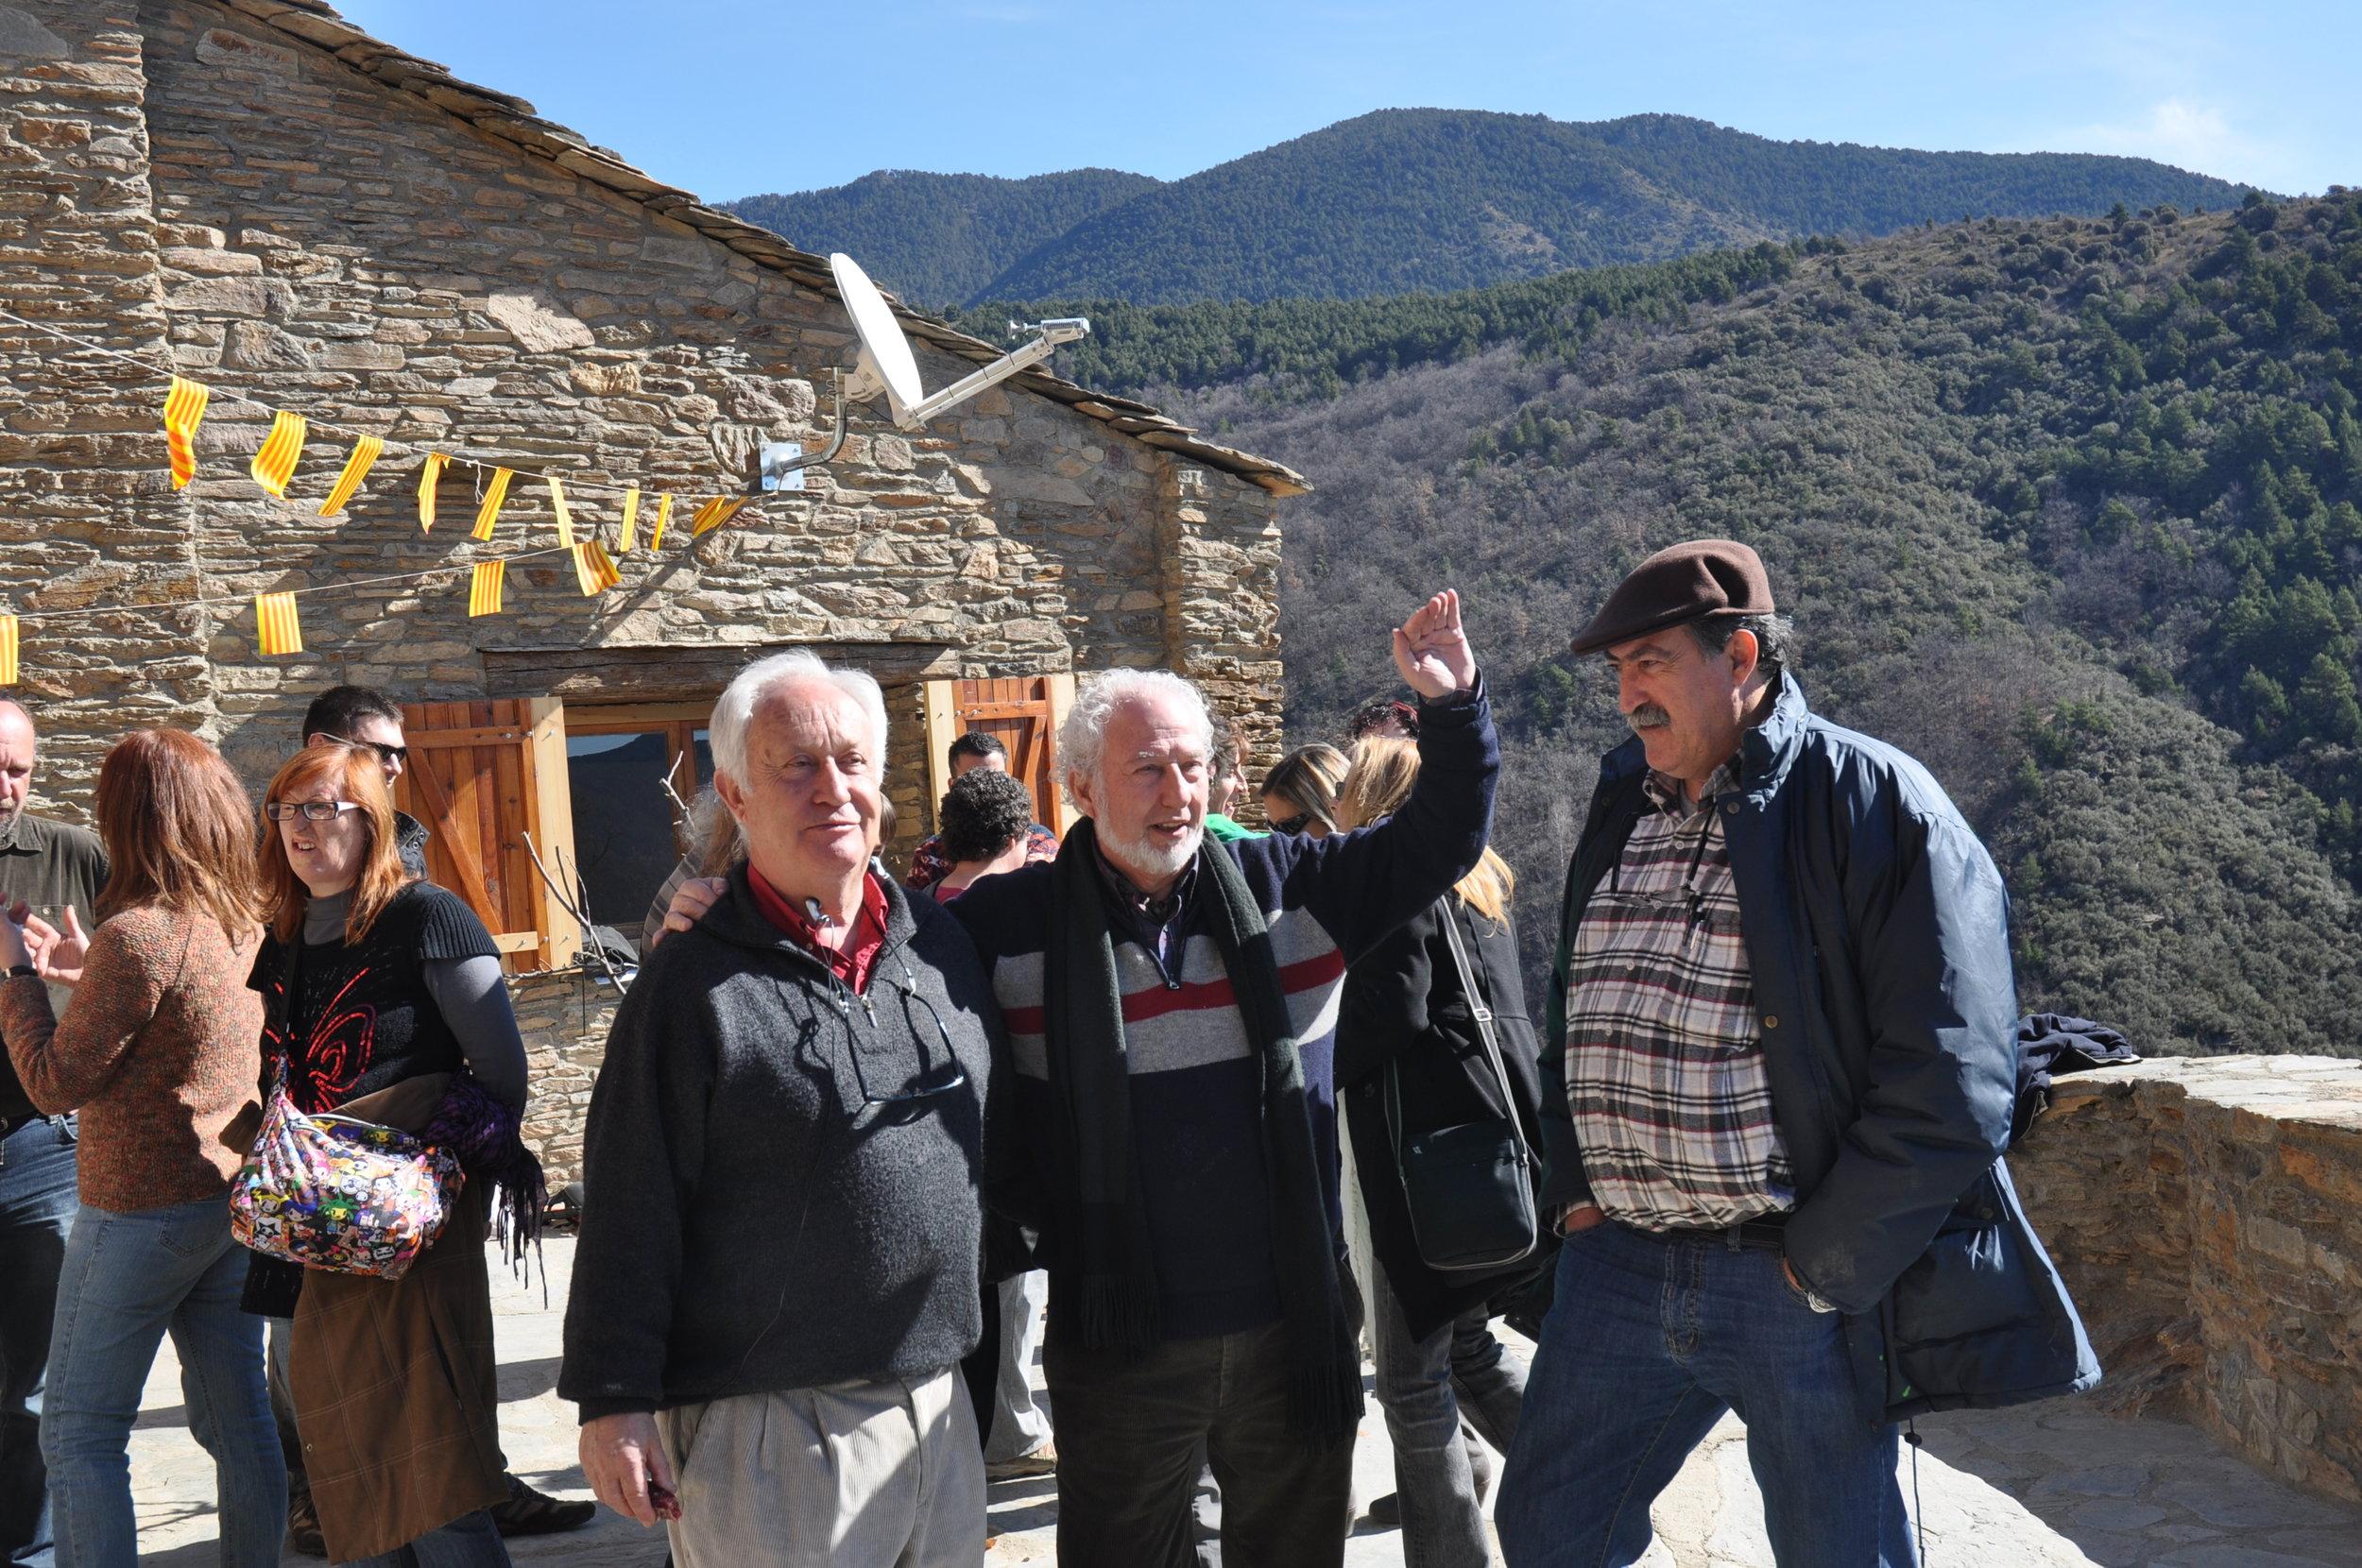 Des del 2013 cada 1er diumenge d'octubre celebrem la festa major de #Solanell -